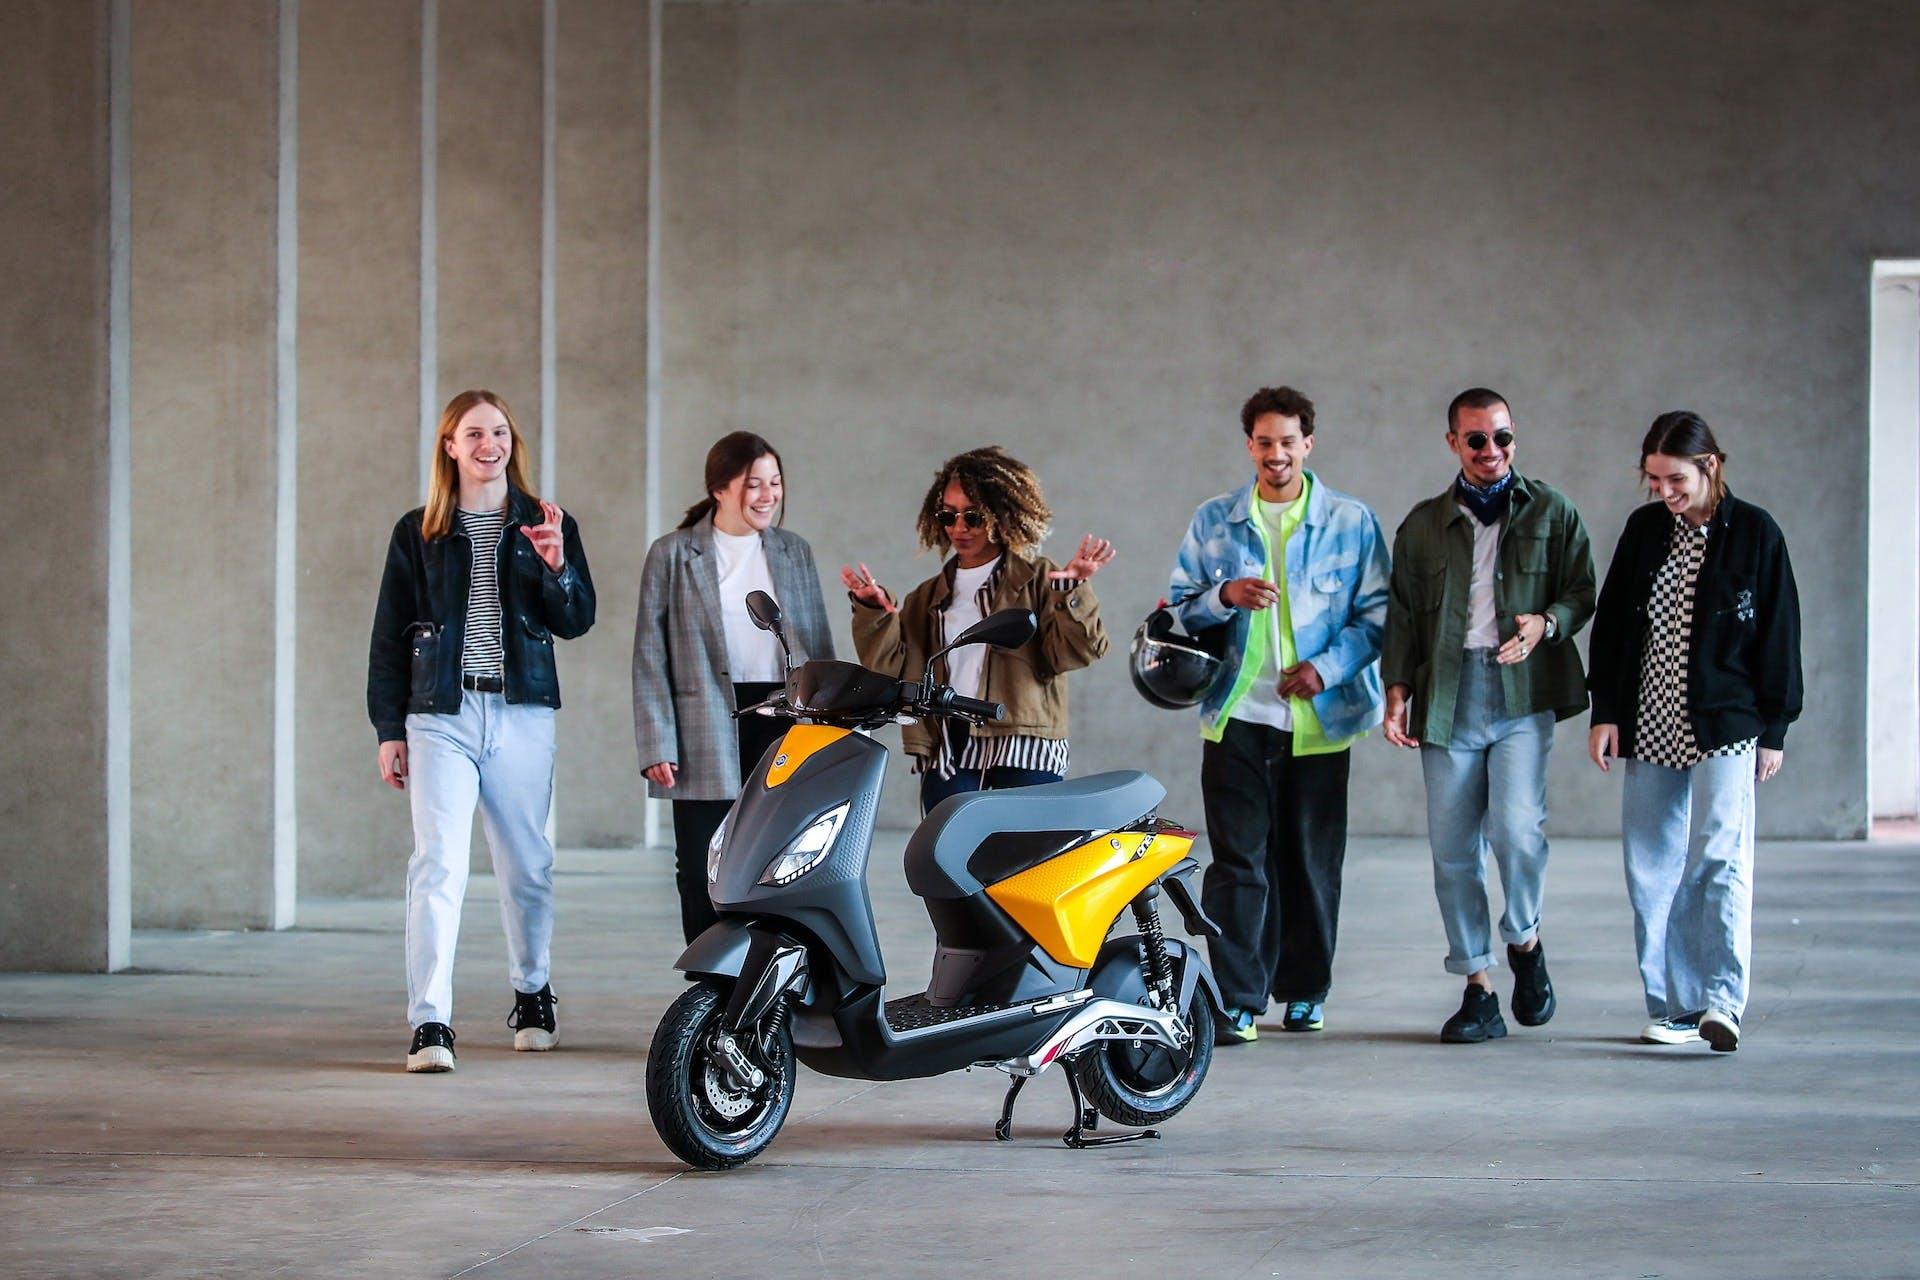 Scooter elettrico Piaggio One fermo su cavalletto e circondato da ragazze e ragazzi